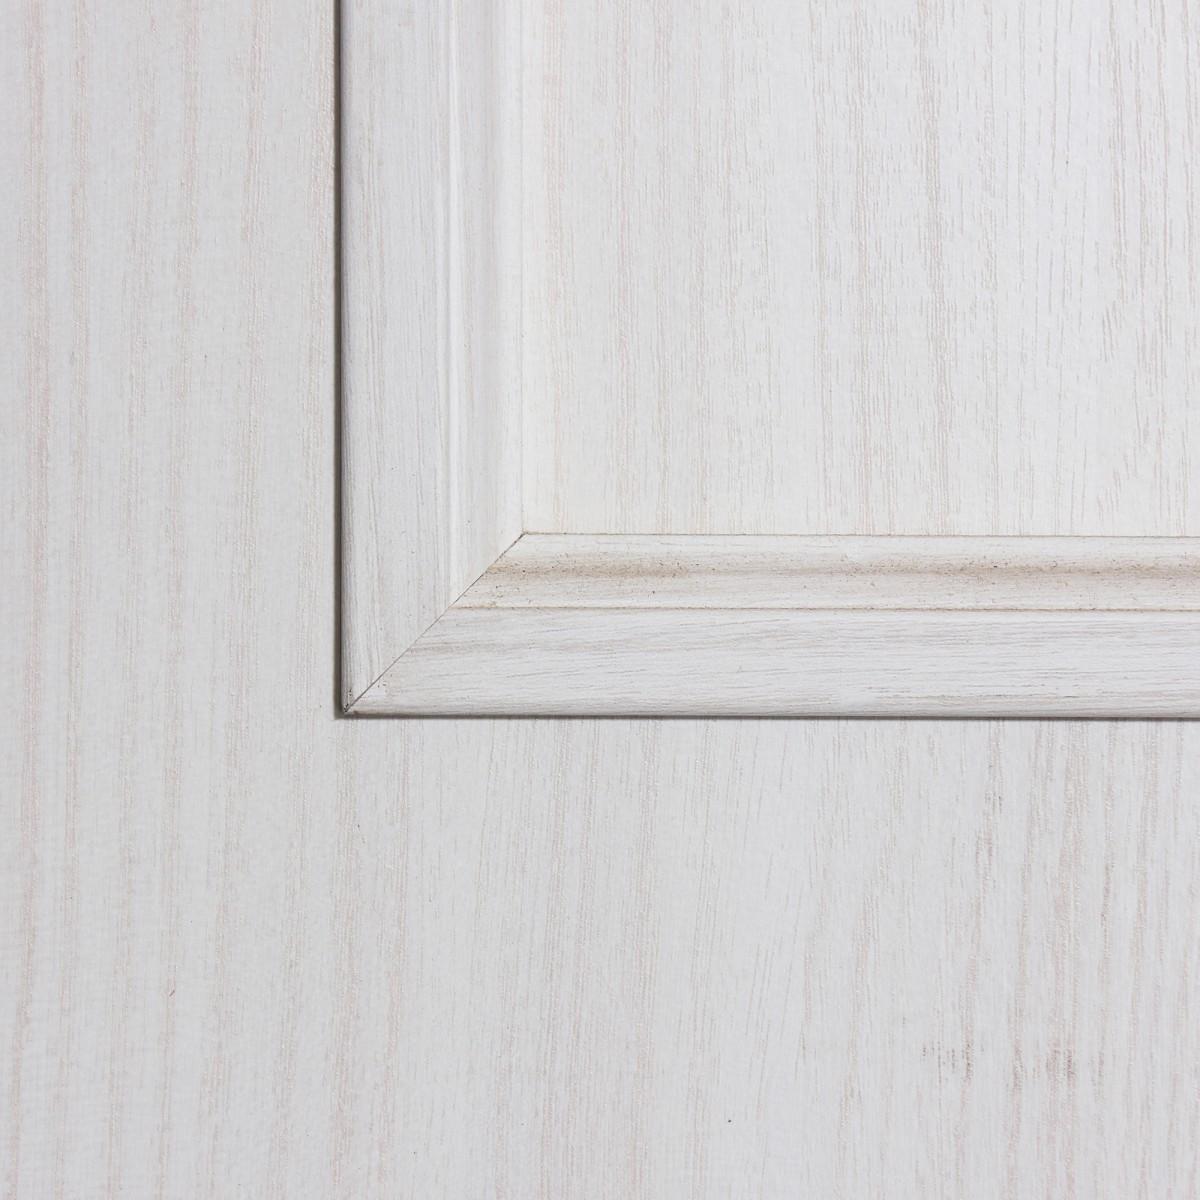 Дверь Межкомнатная Глухая Провенца 80x200 Цвет Дуб Медео